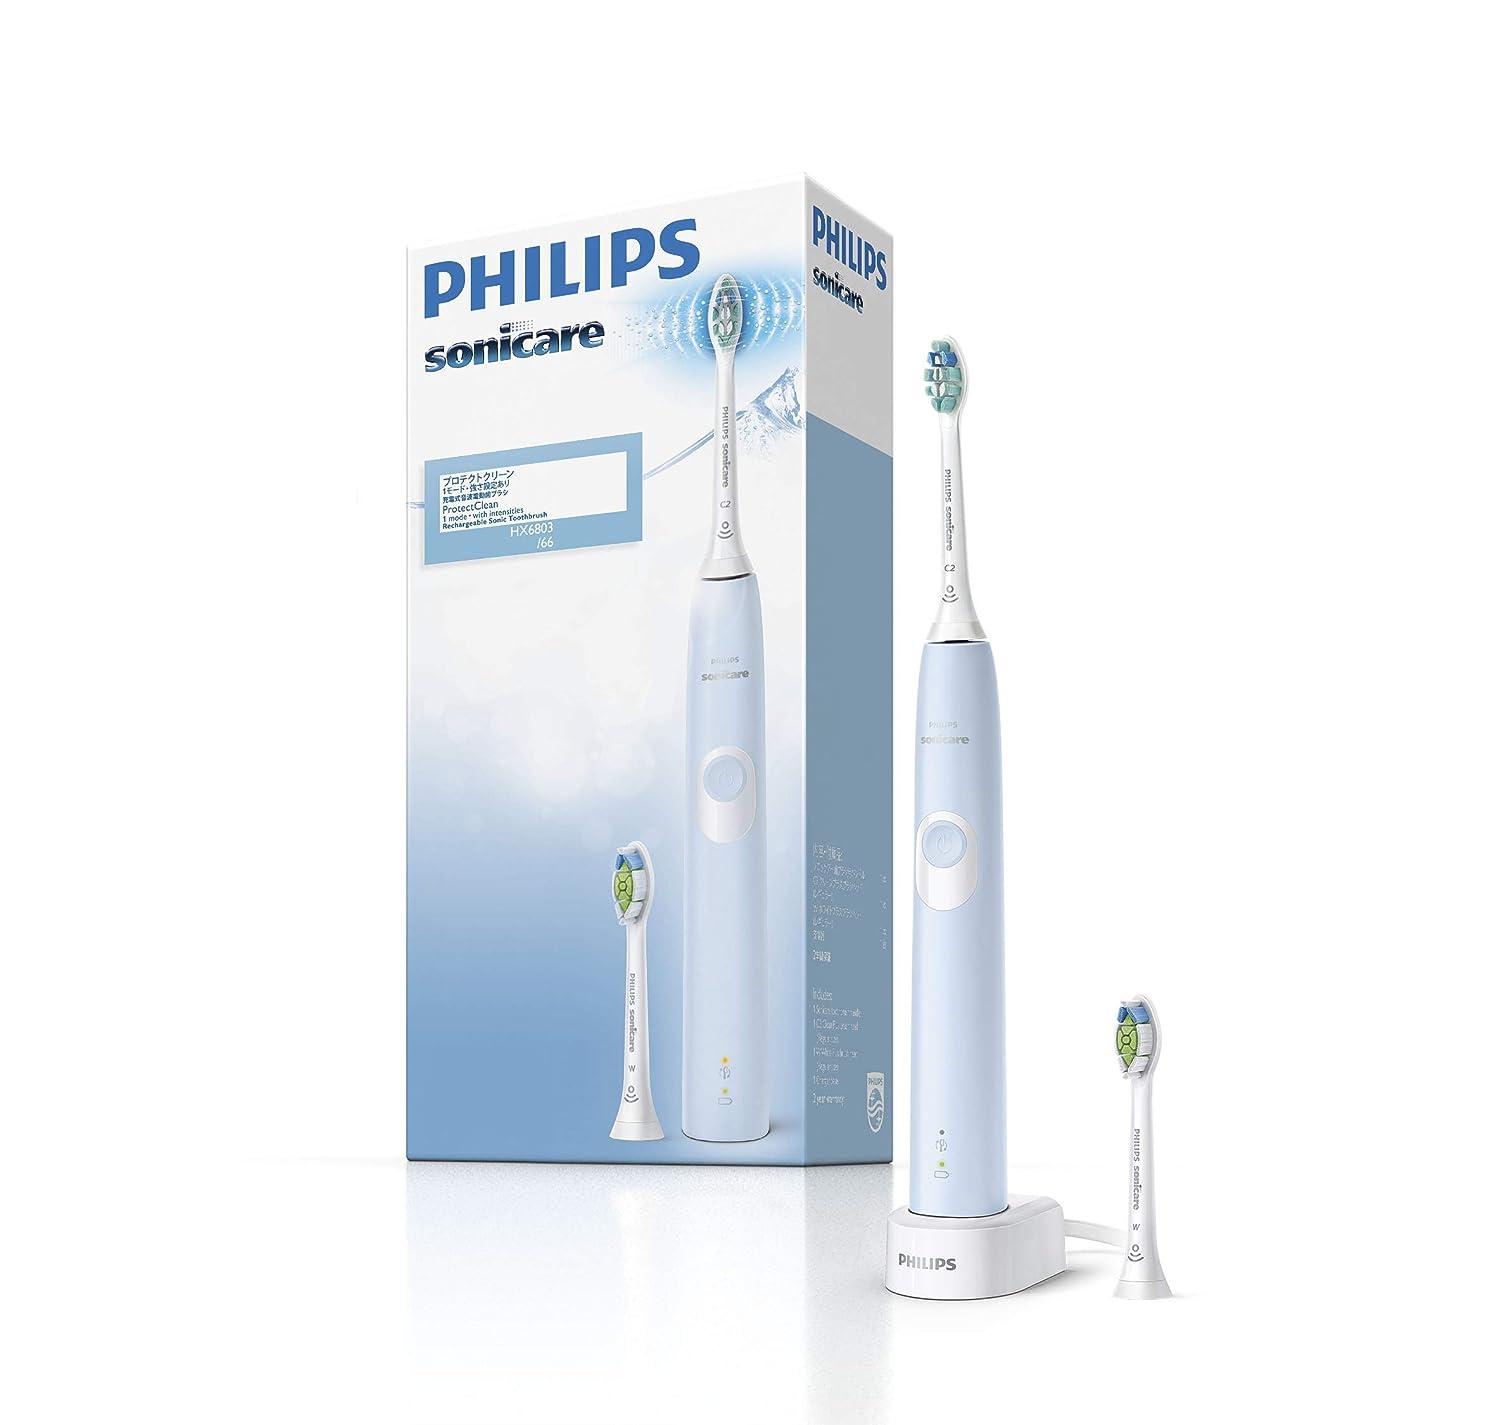 持参に渡って波フィリップス ソニッケアー プロテクトクリーン 電動歯ブラシ ライトブルー HX6803/66